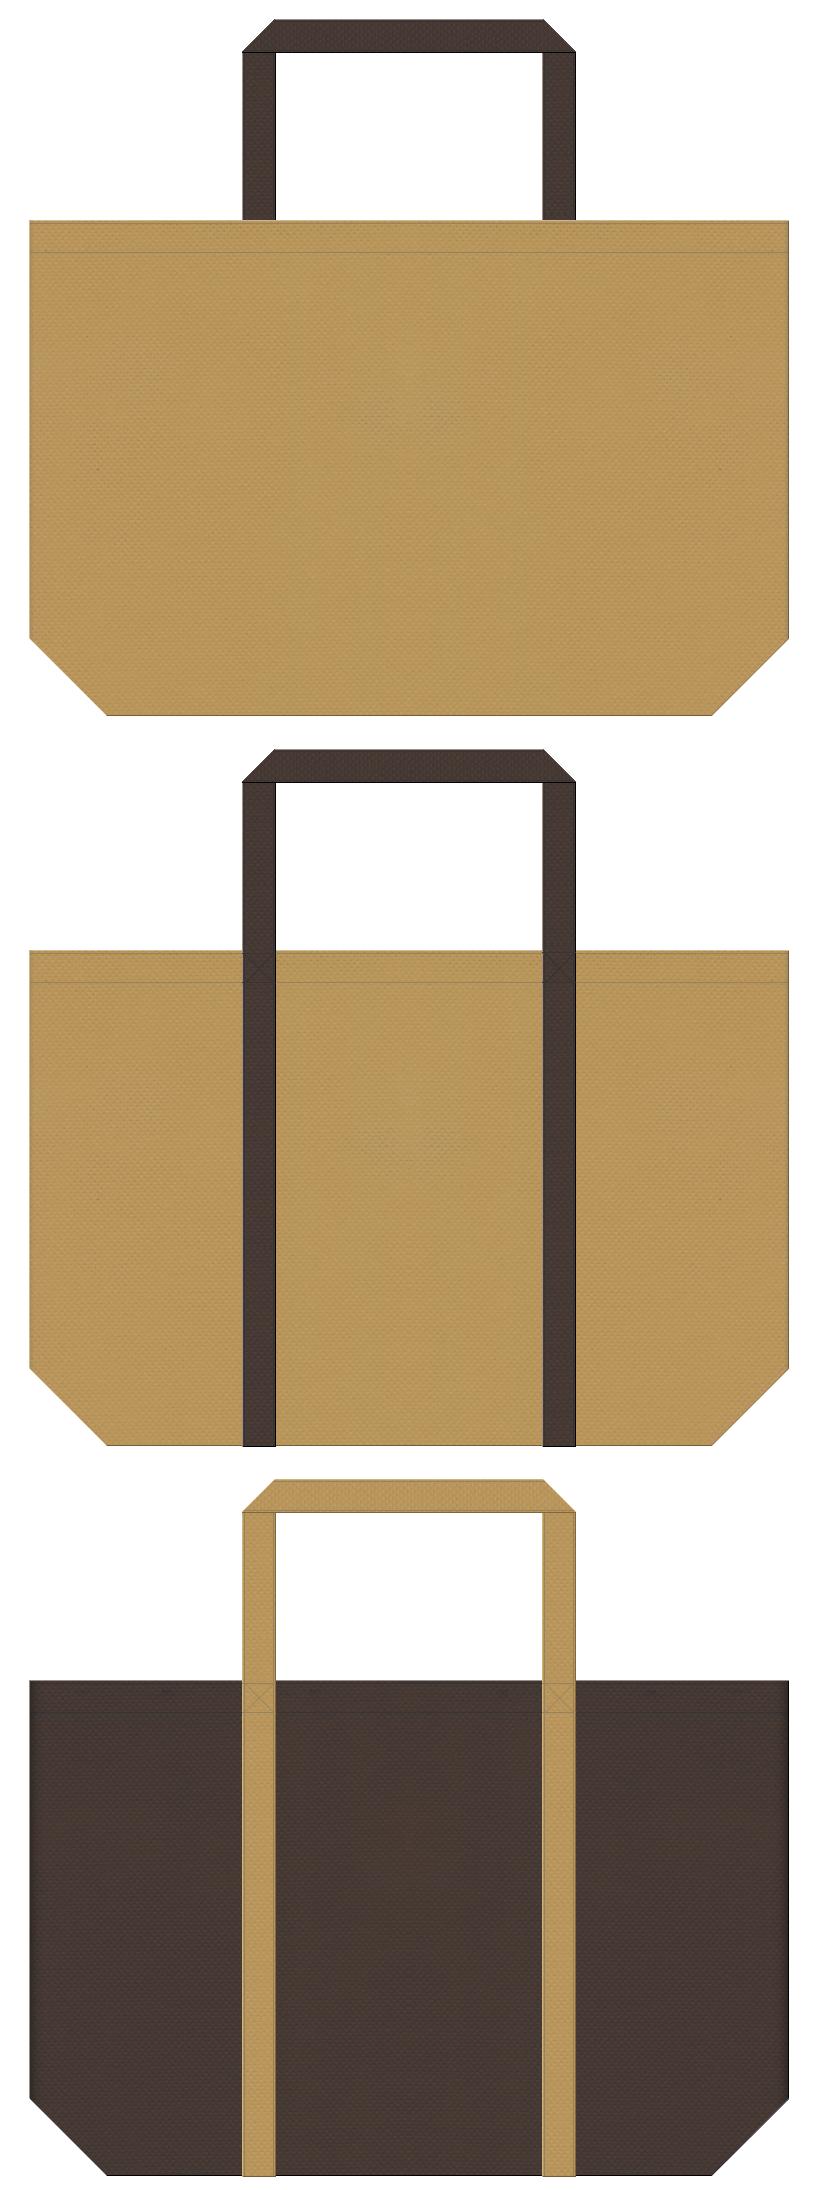 金色系黄土色とこげ茶色の不織布バッグデザイン。ベーカリーショップ・住宅展示場・ロッジのイメージにお奨めの配色です。